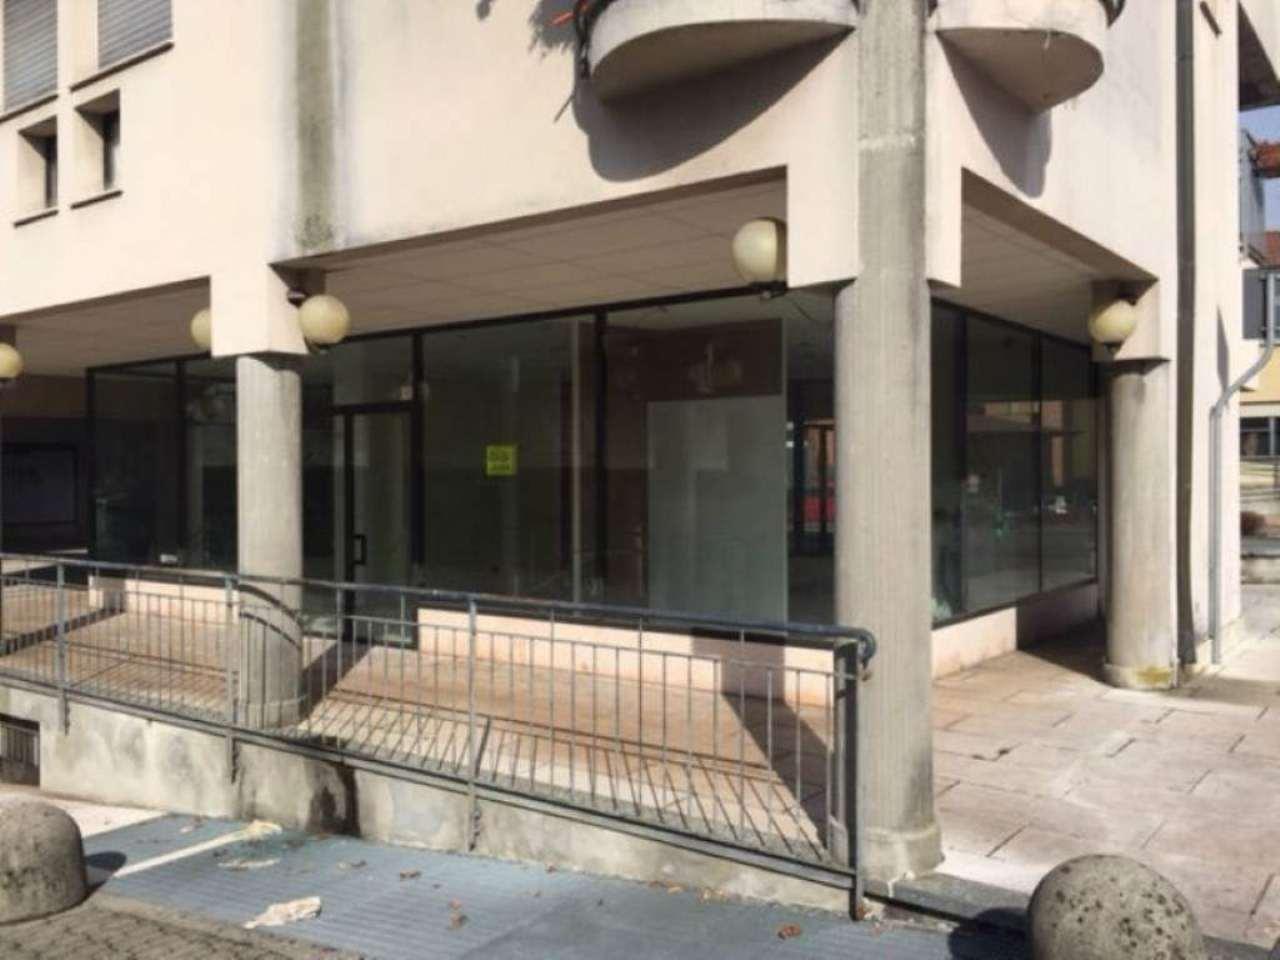 Negozio / Locale in vendita a Azzate, 1 locali, prezzo € 70.000 | Cambio Casa.it